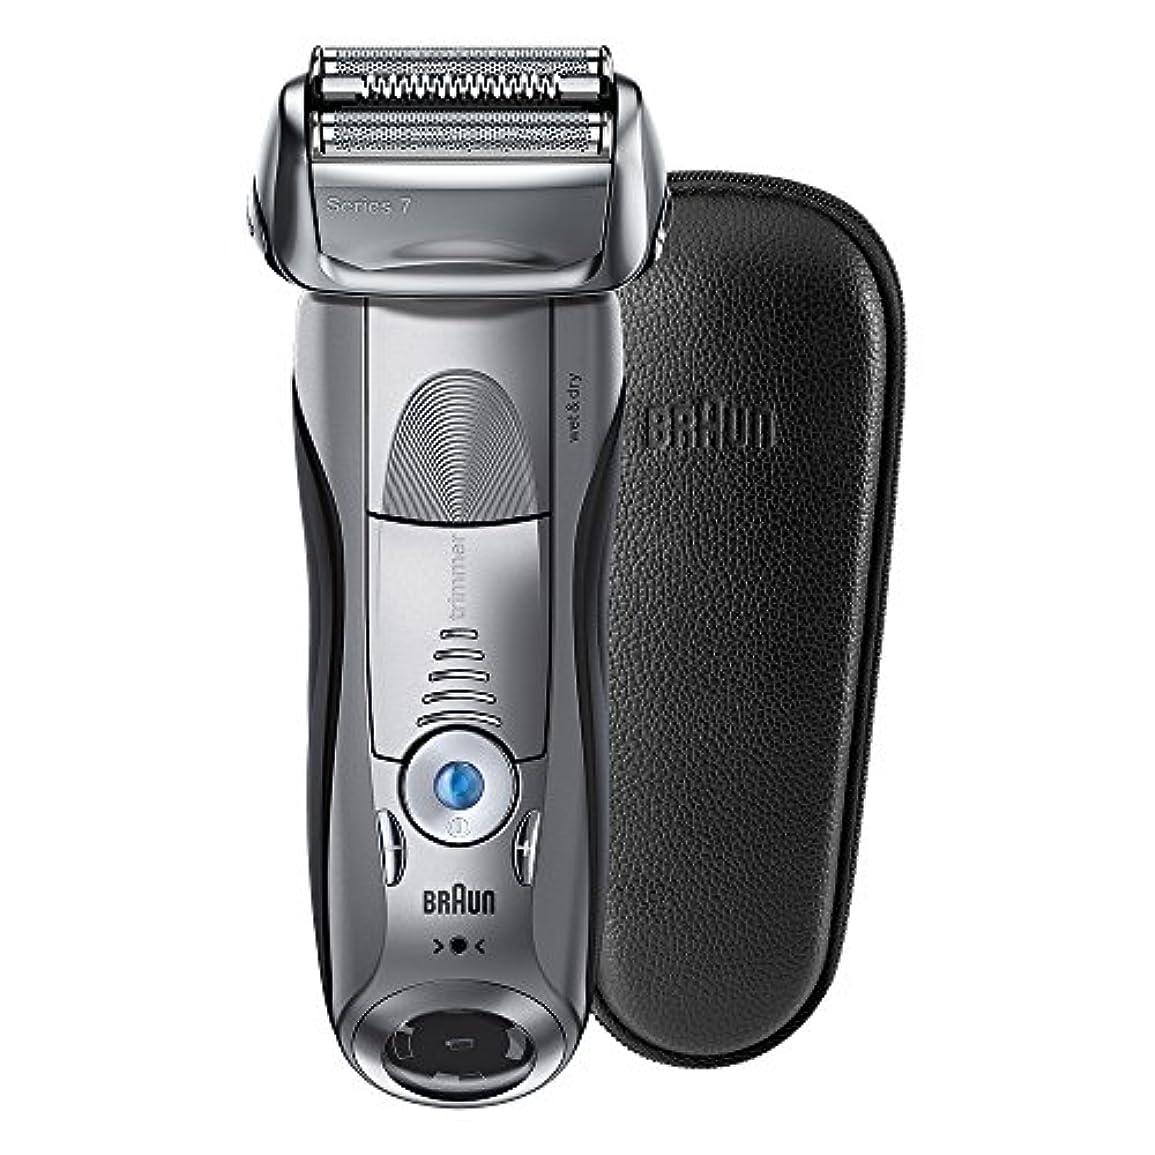 メロン対人落胆したブラウン メンズ電気シェーバー シリーズ7 7893s-SP 4カットシステム 水洗い/お風呂剃り可 本革ケース付